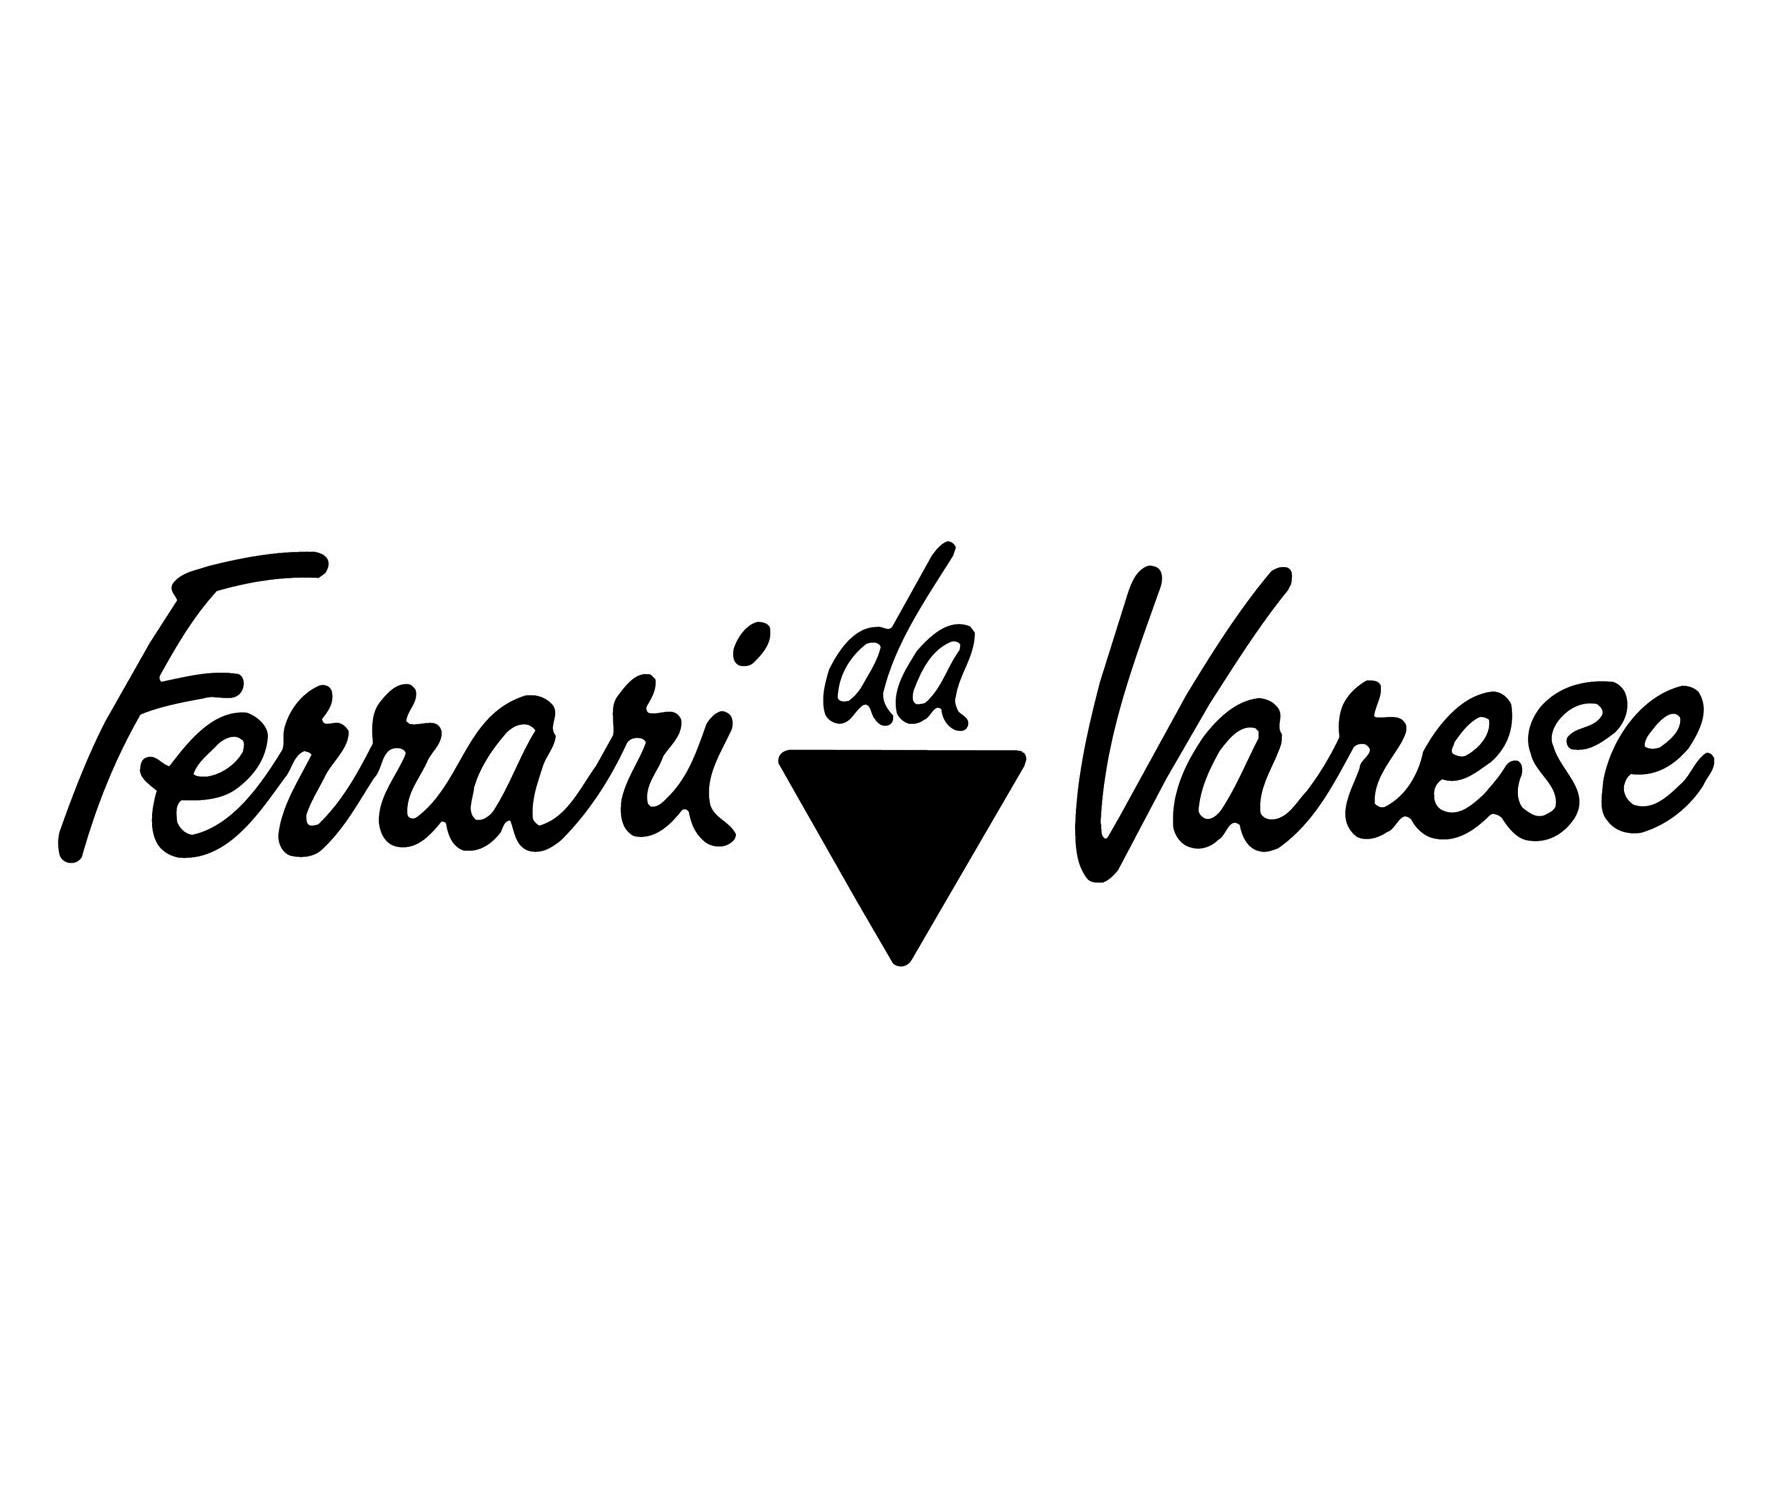 Ferrari Da Varèse